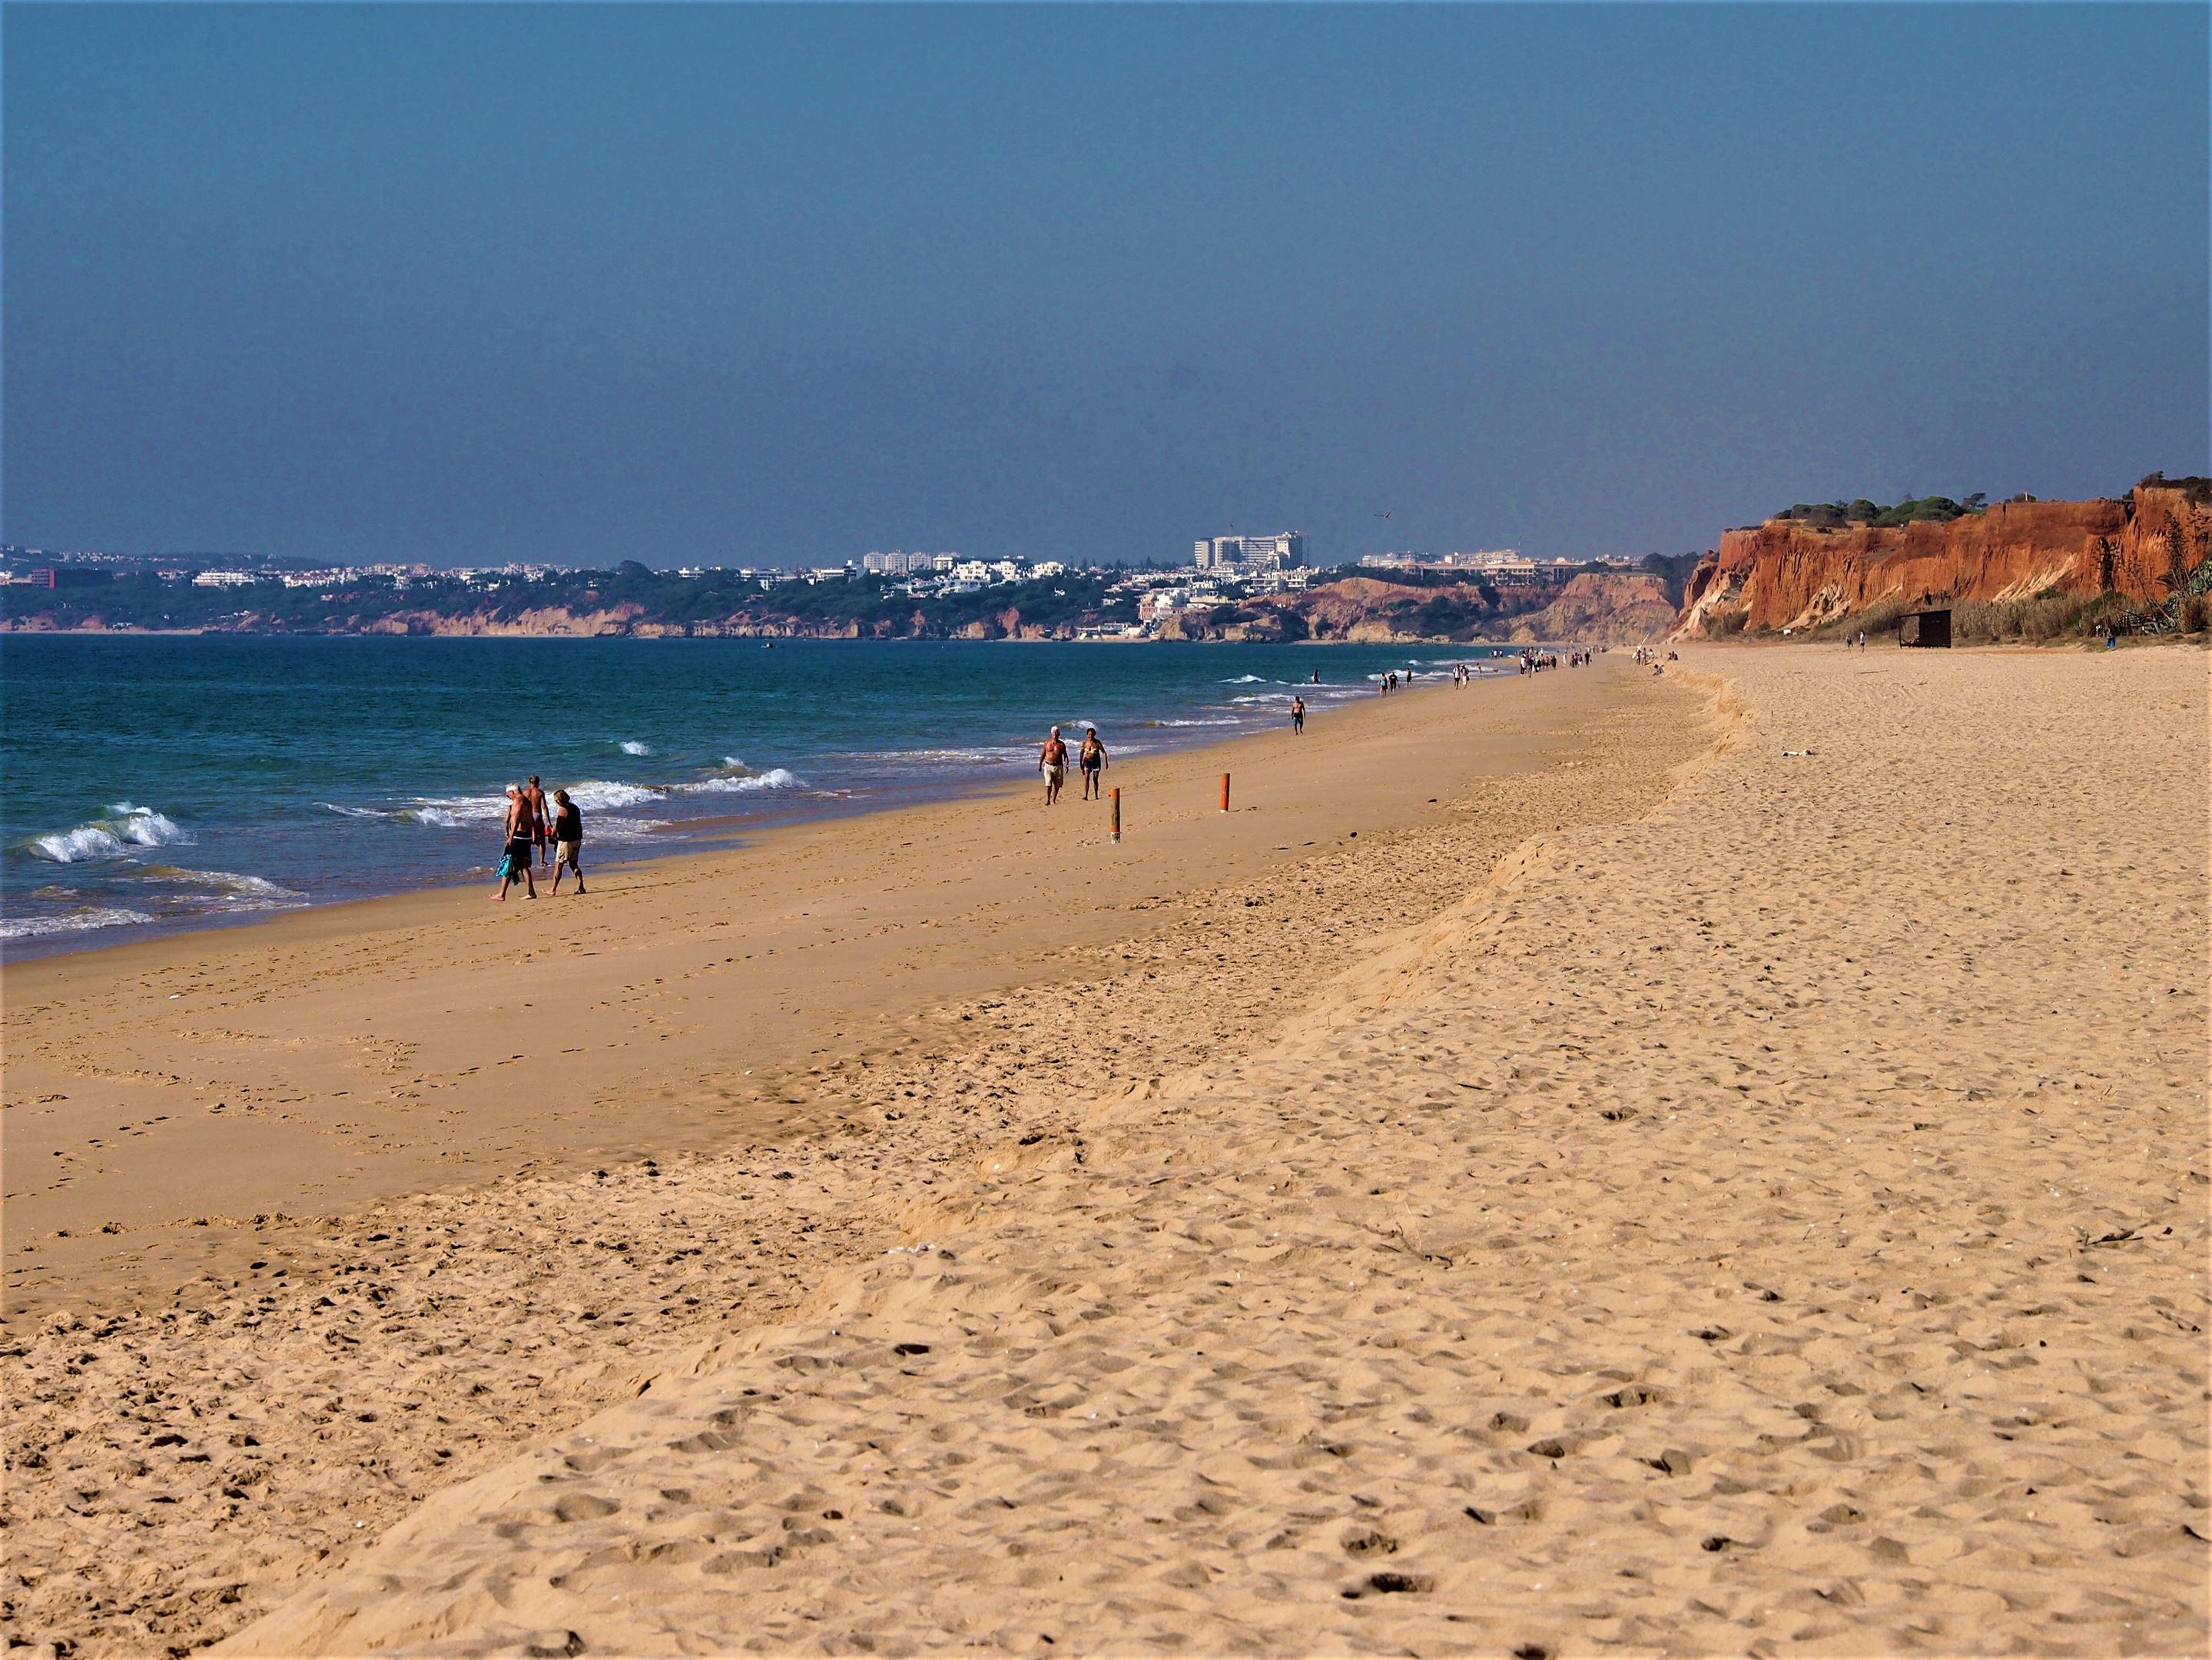 Praia da Falésia, looking east towards Olhos de Água from Vilamoura